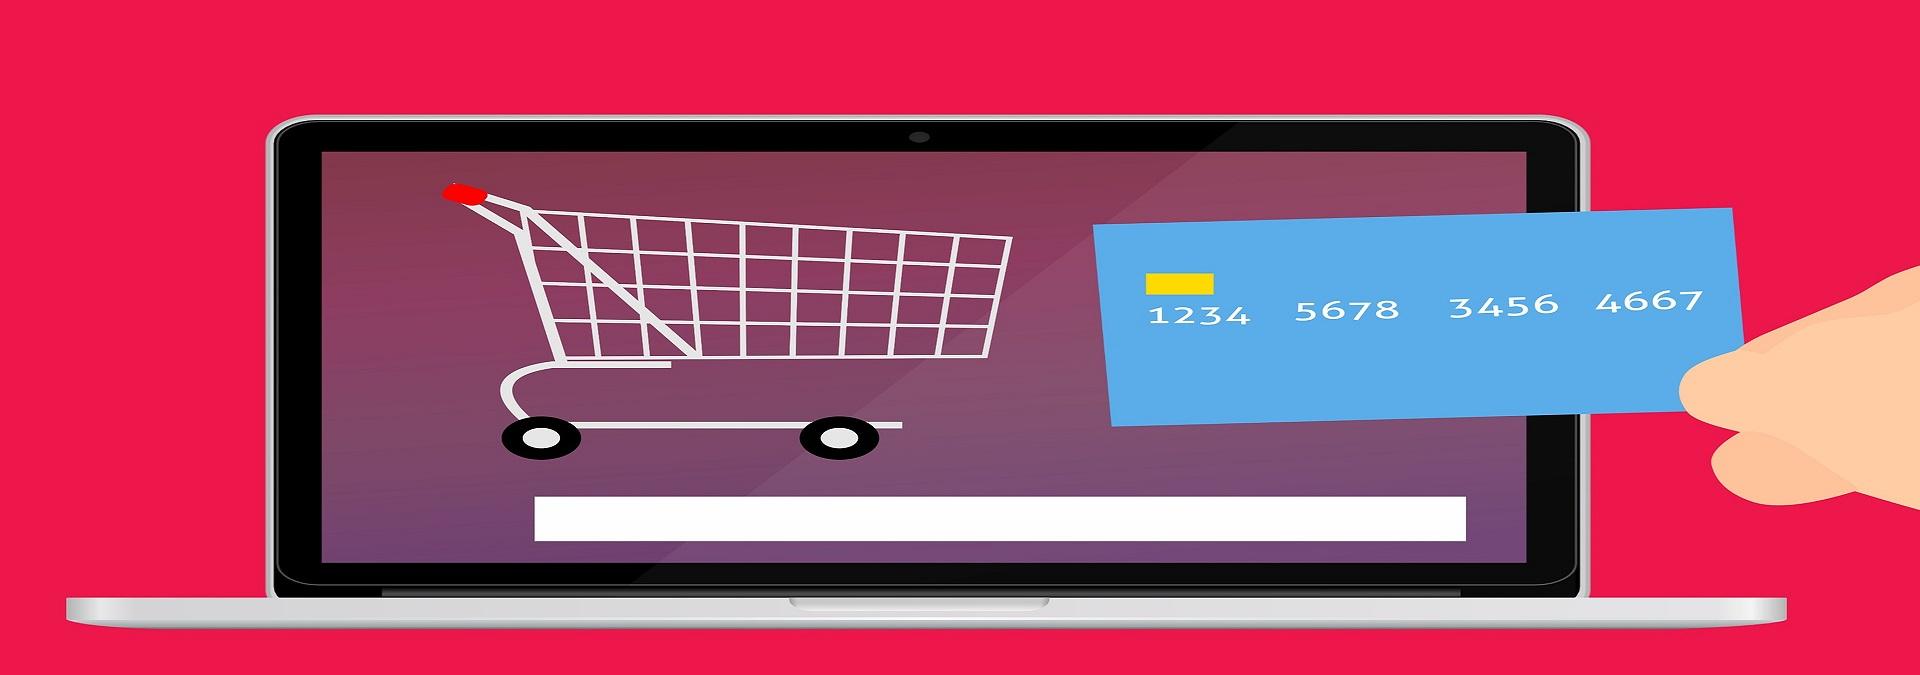 Sepet terk oranı, e-ihracat firmaları için önemli verilere sahip bir metriktir.